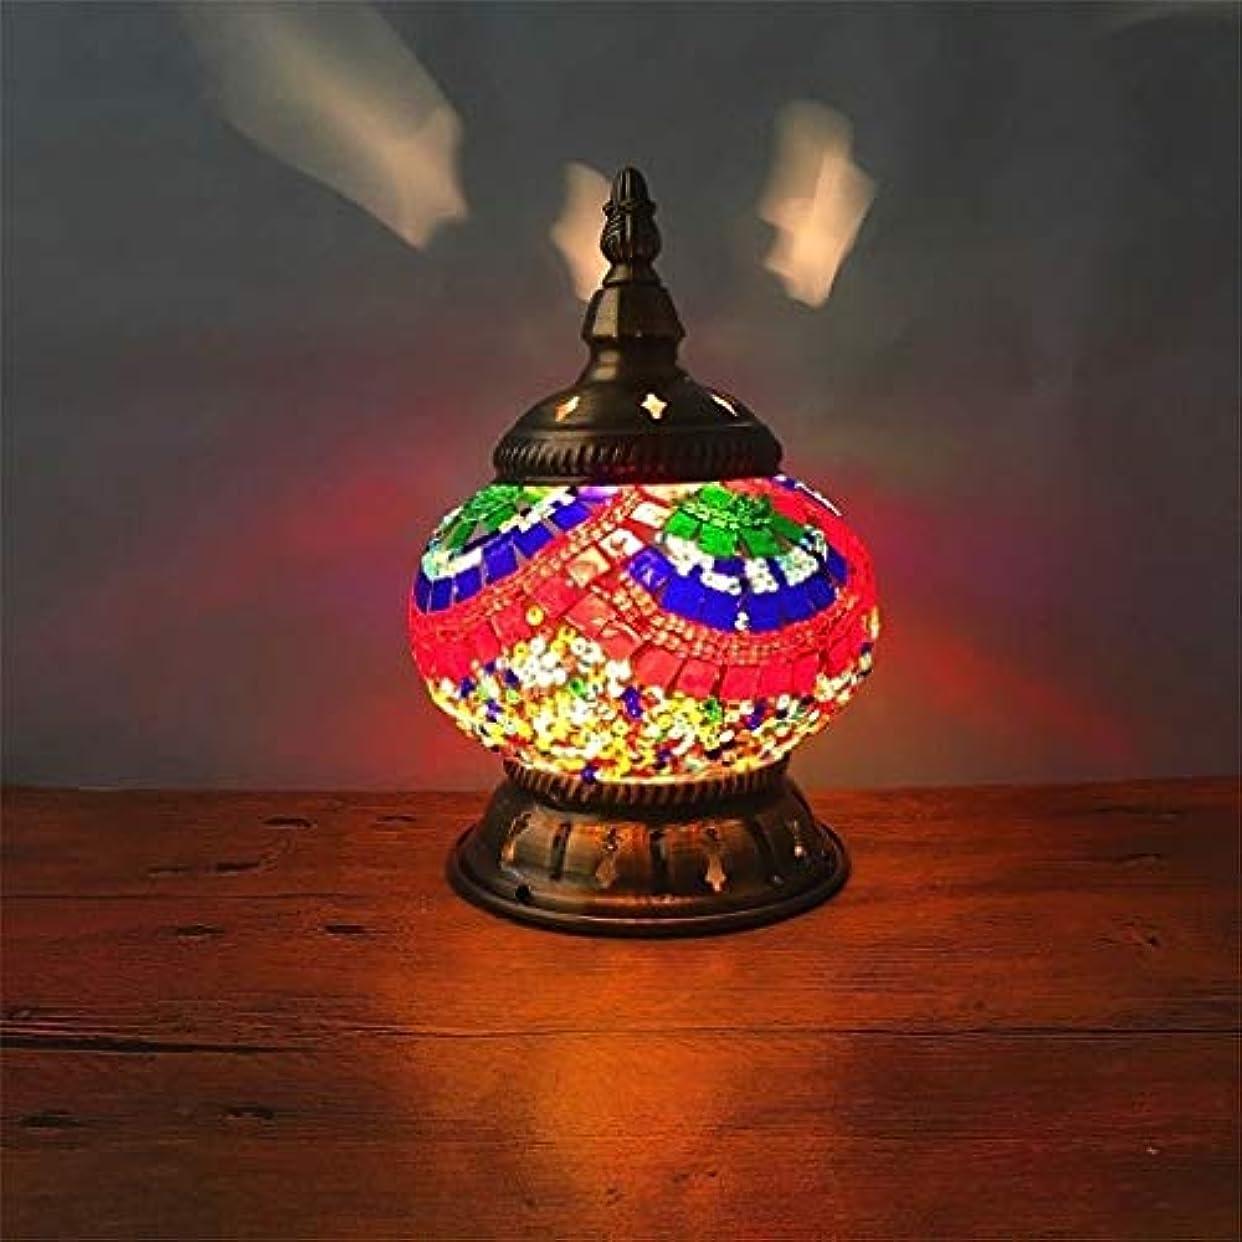 請求書なしで骨折シロス トルコのテーブルランプ、レトロな金属ディスプレイランプ屋内照明ムードランプレストランバー寝室リビングルーム (Color : S)